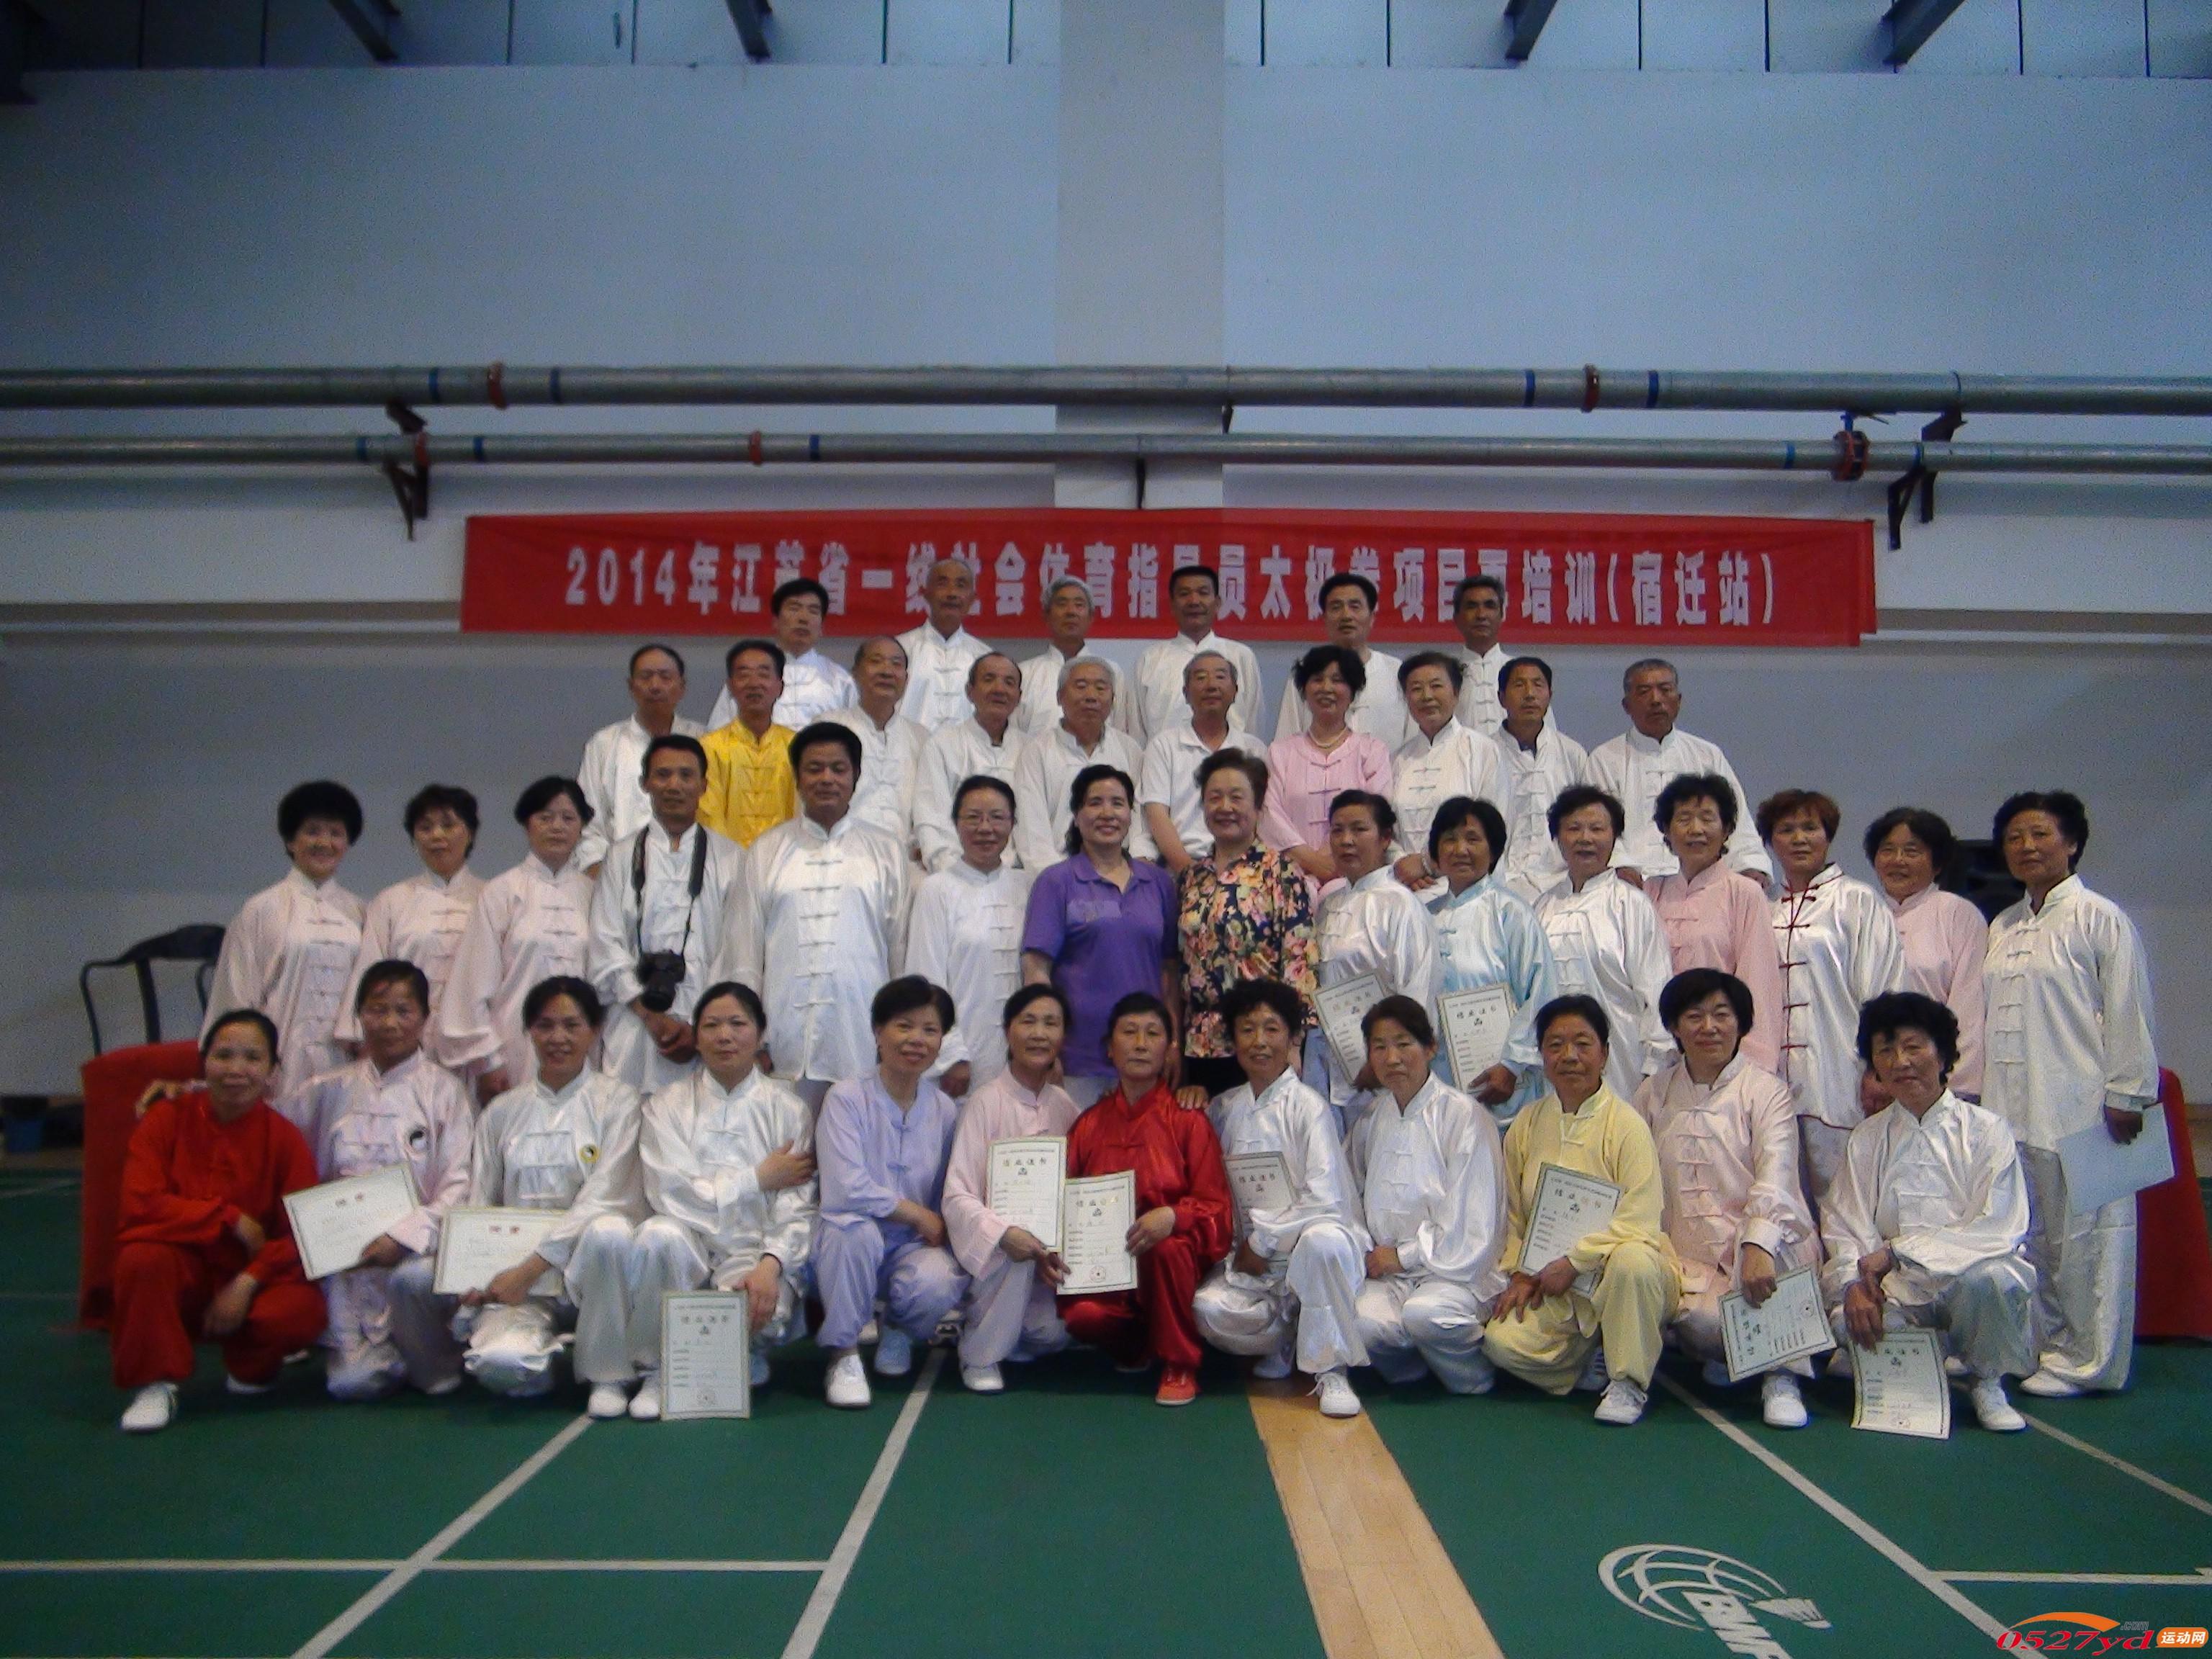 社会体育指导员协会2014培训、展演